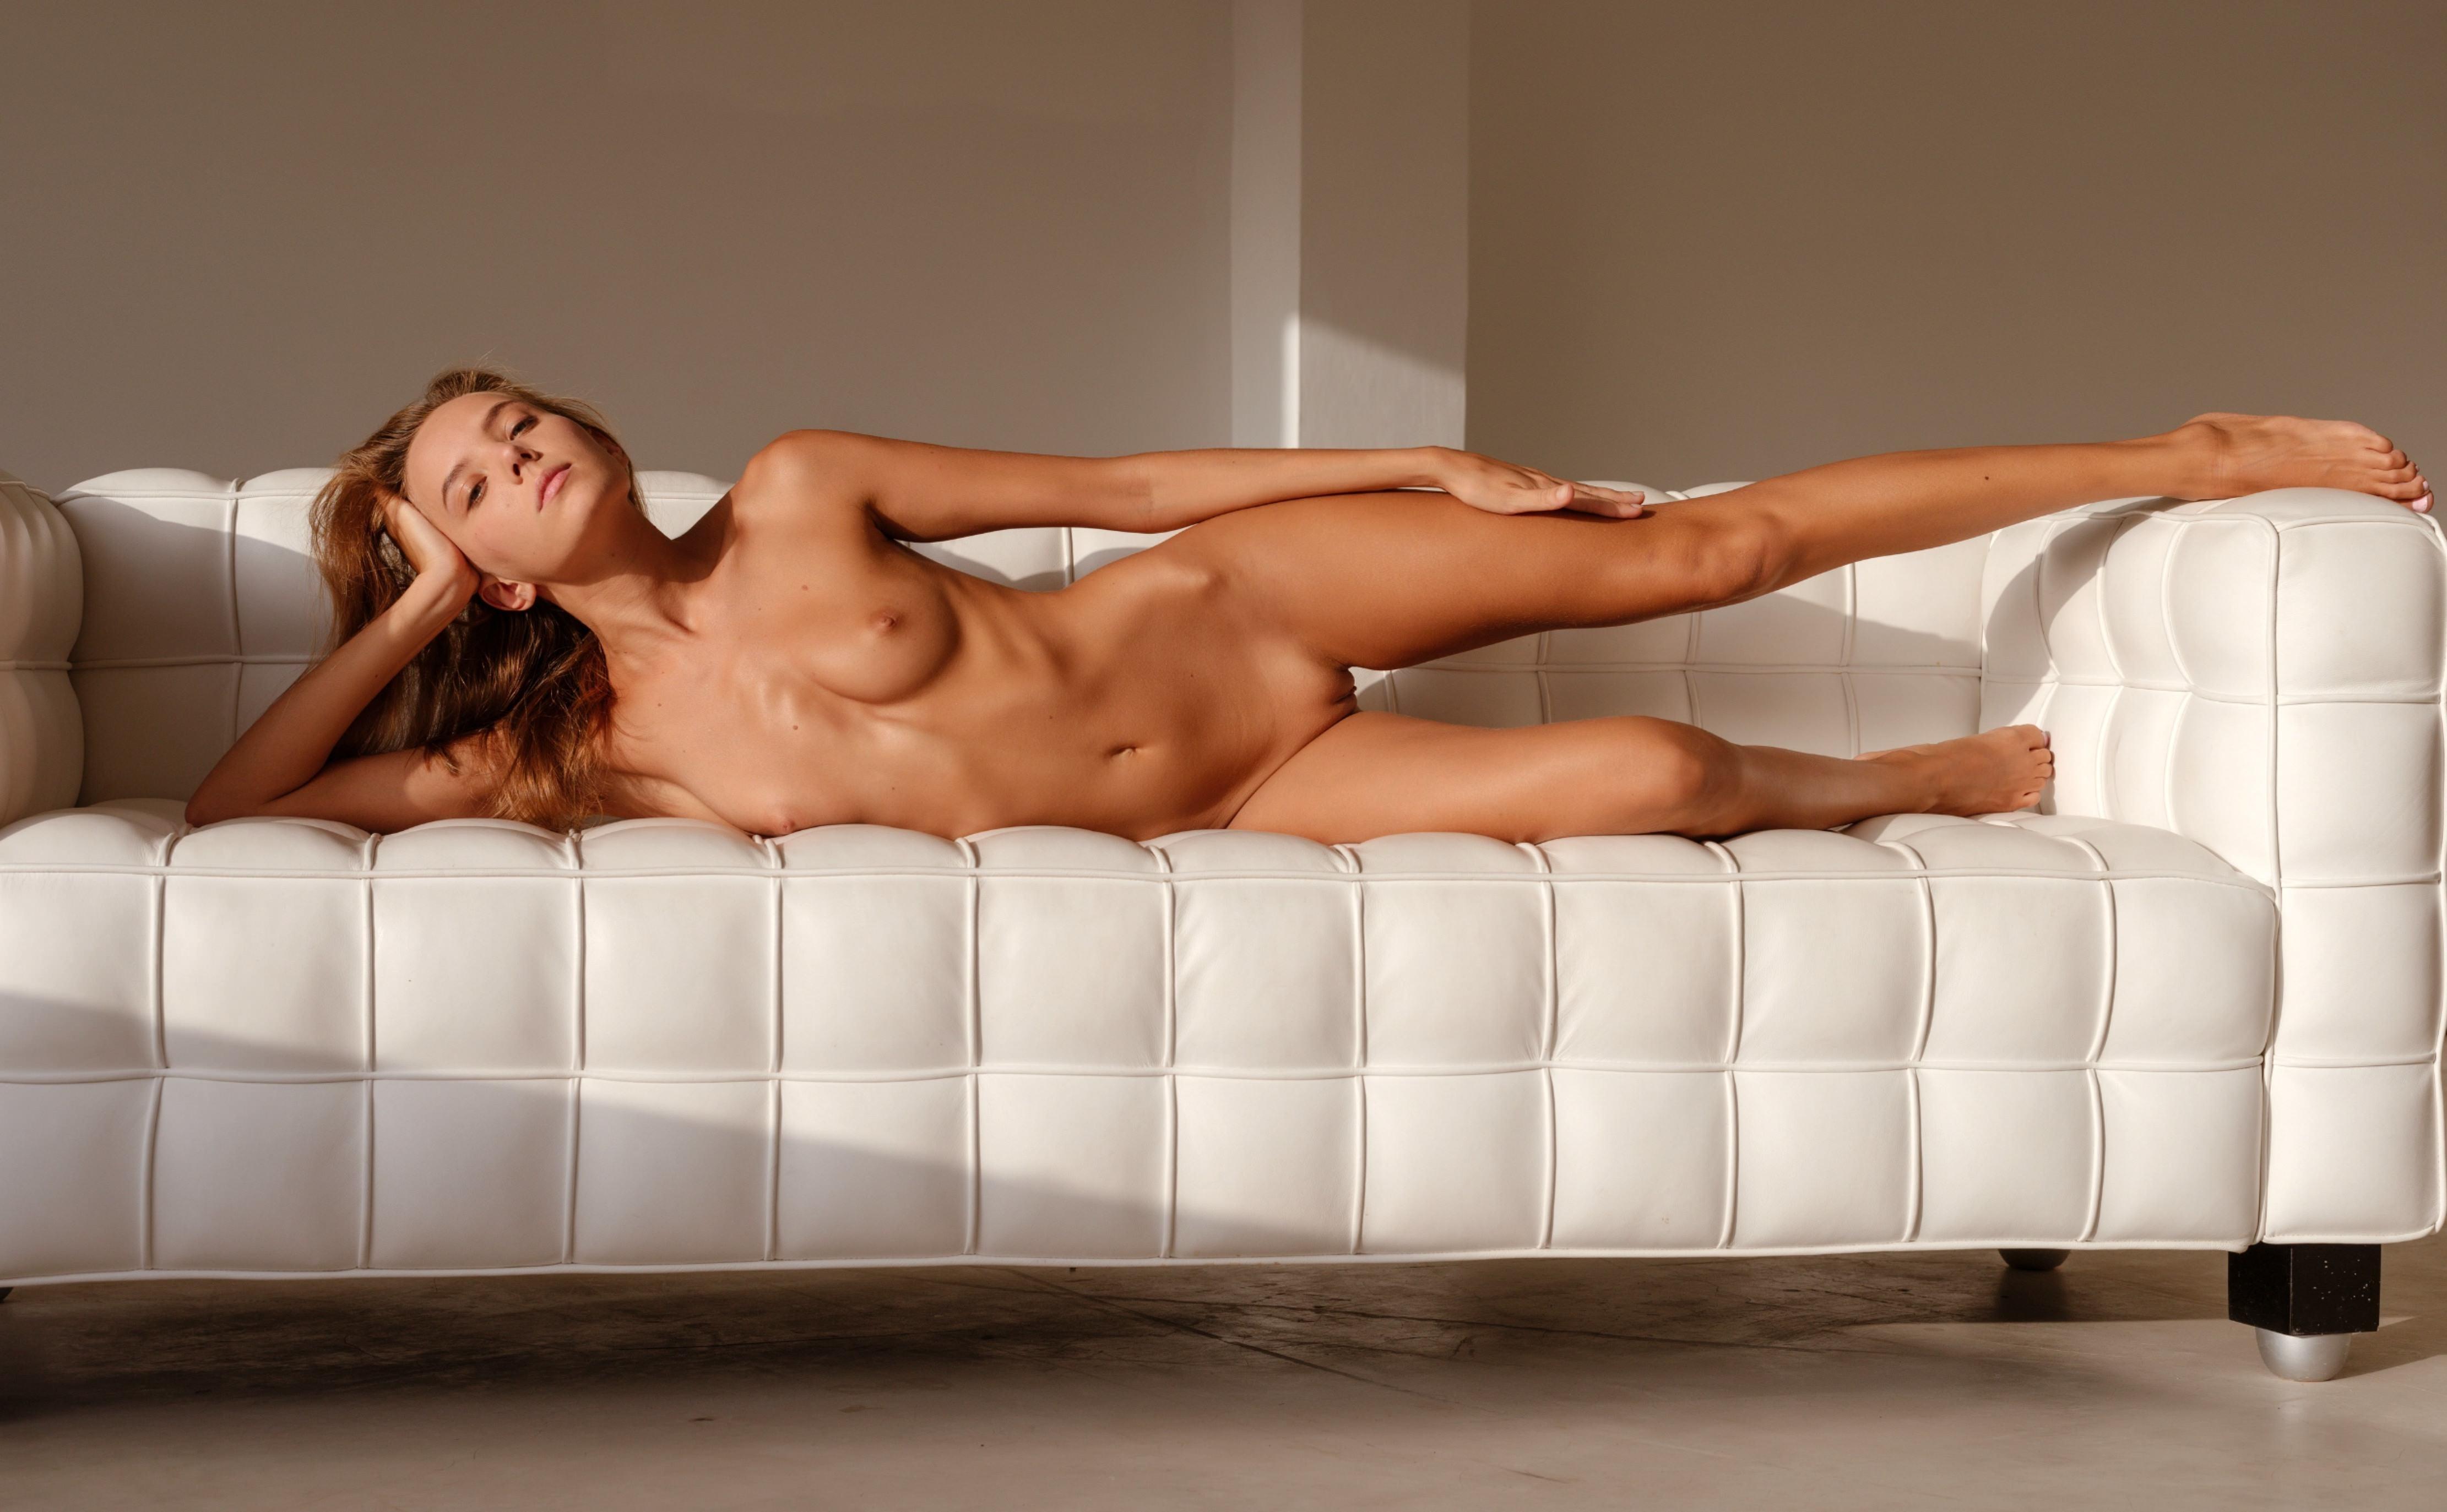 Фото Обнаженная красивая девушка на белом диване, сексуальное загорелое тело, Катя Гловер, скачать картинку бесплатно